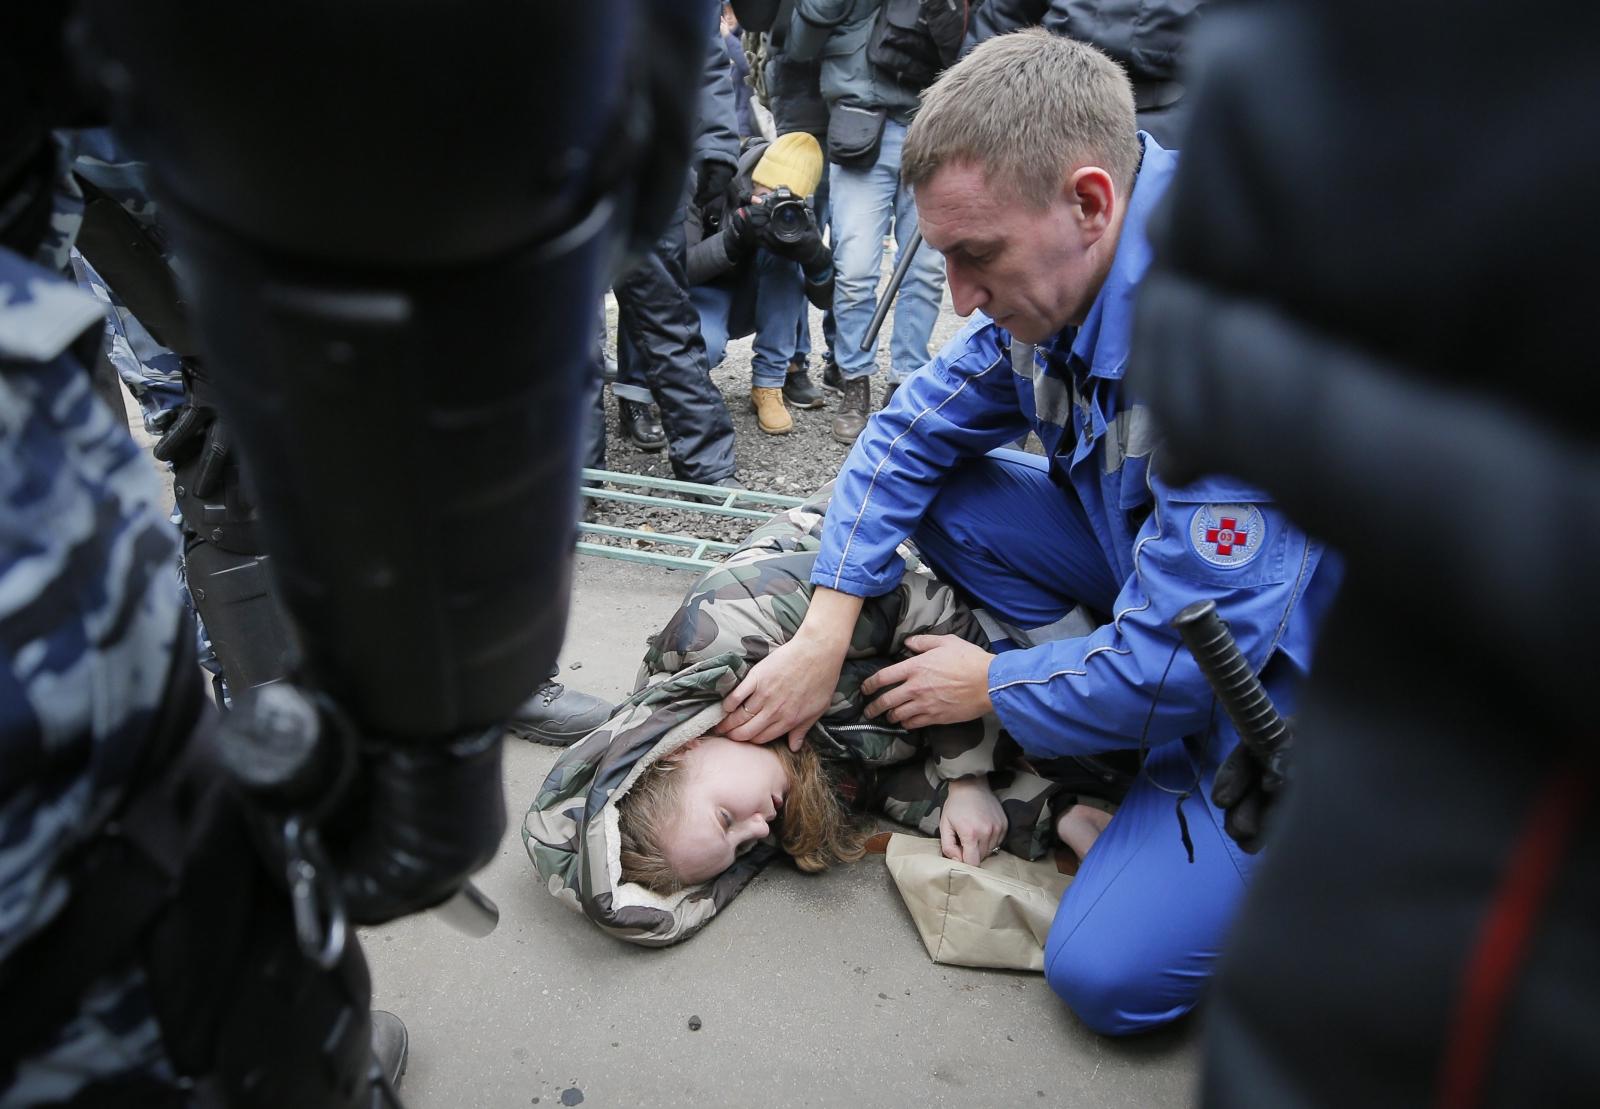 Dzień Jedność Narodowej w Rosji  EPA/MAXIM SHIPENKOV